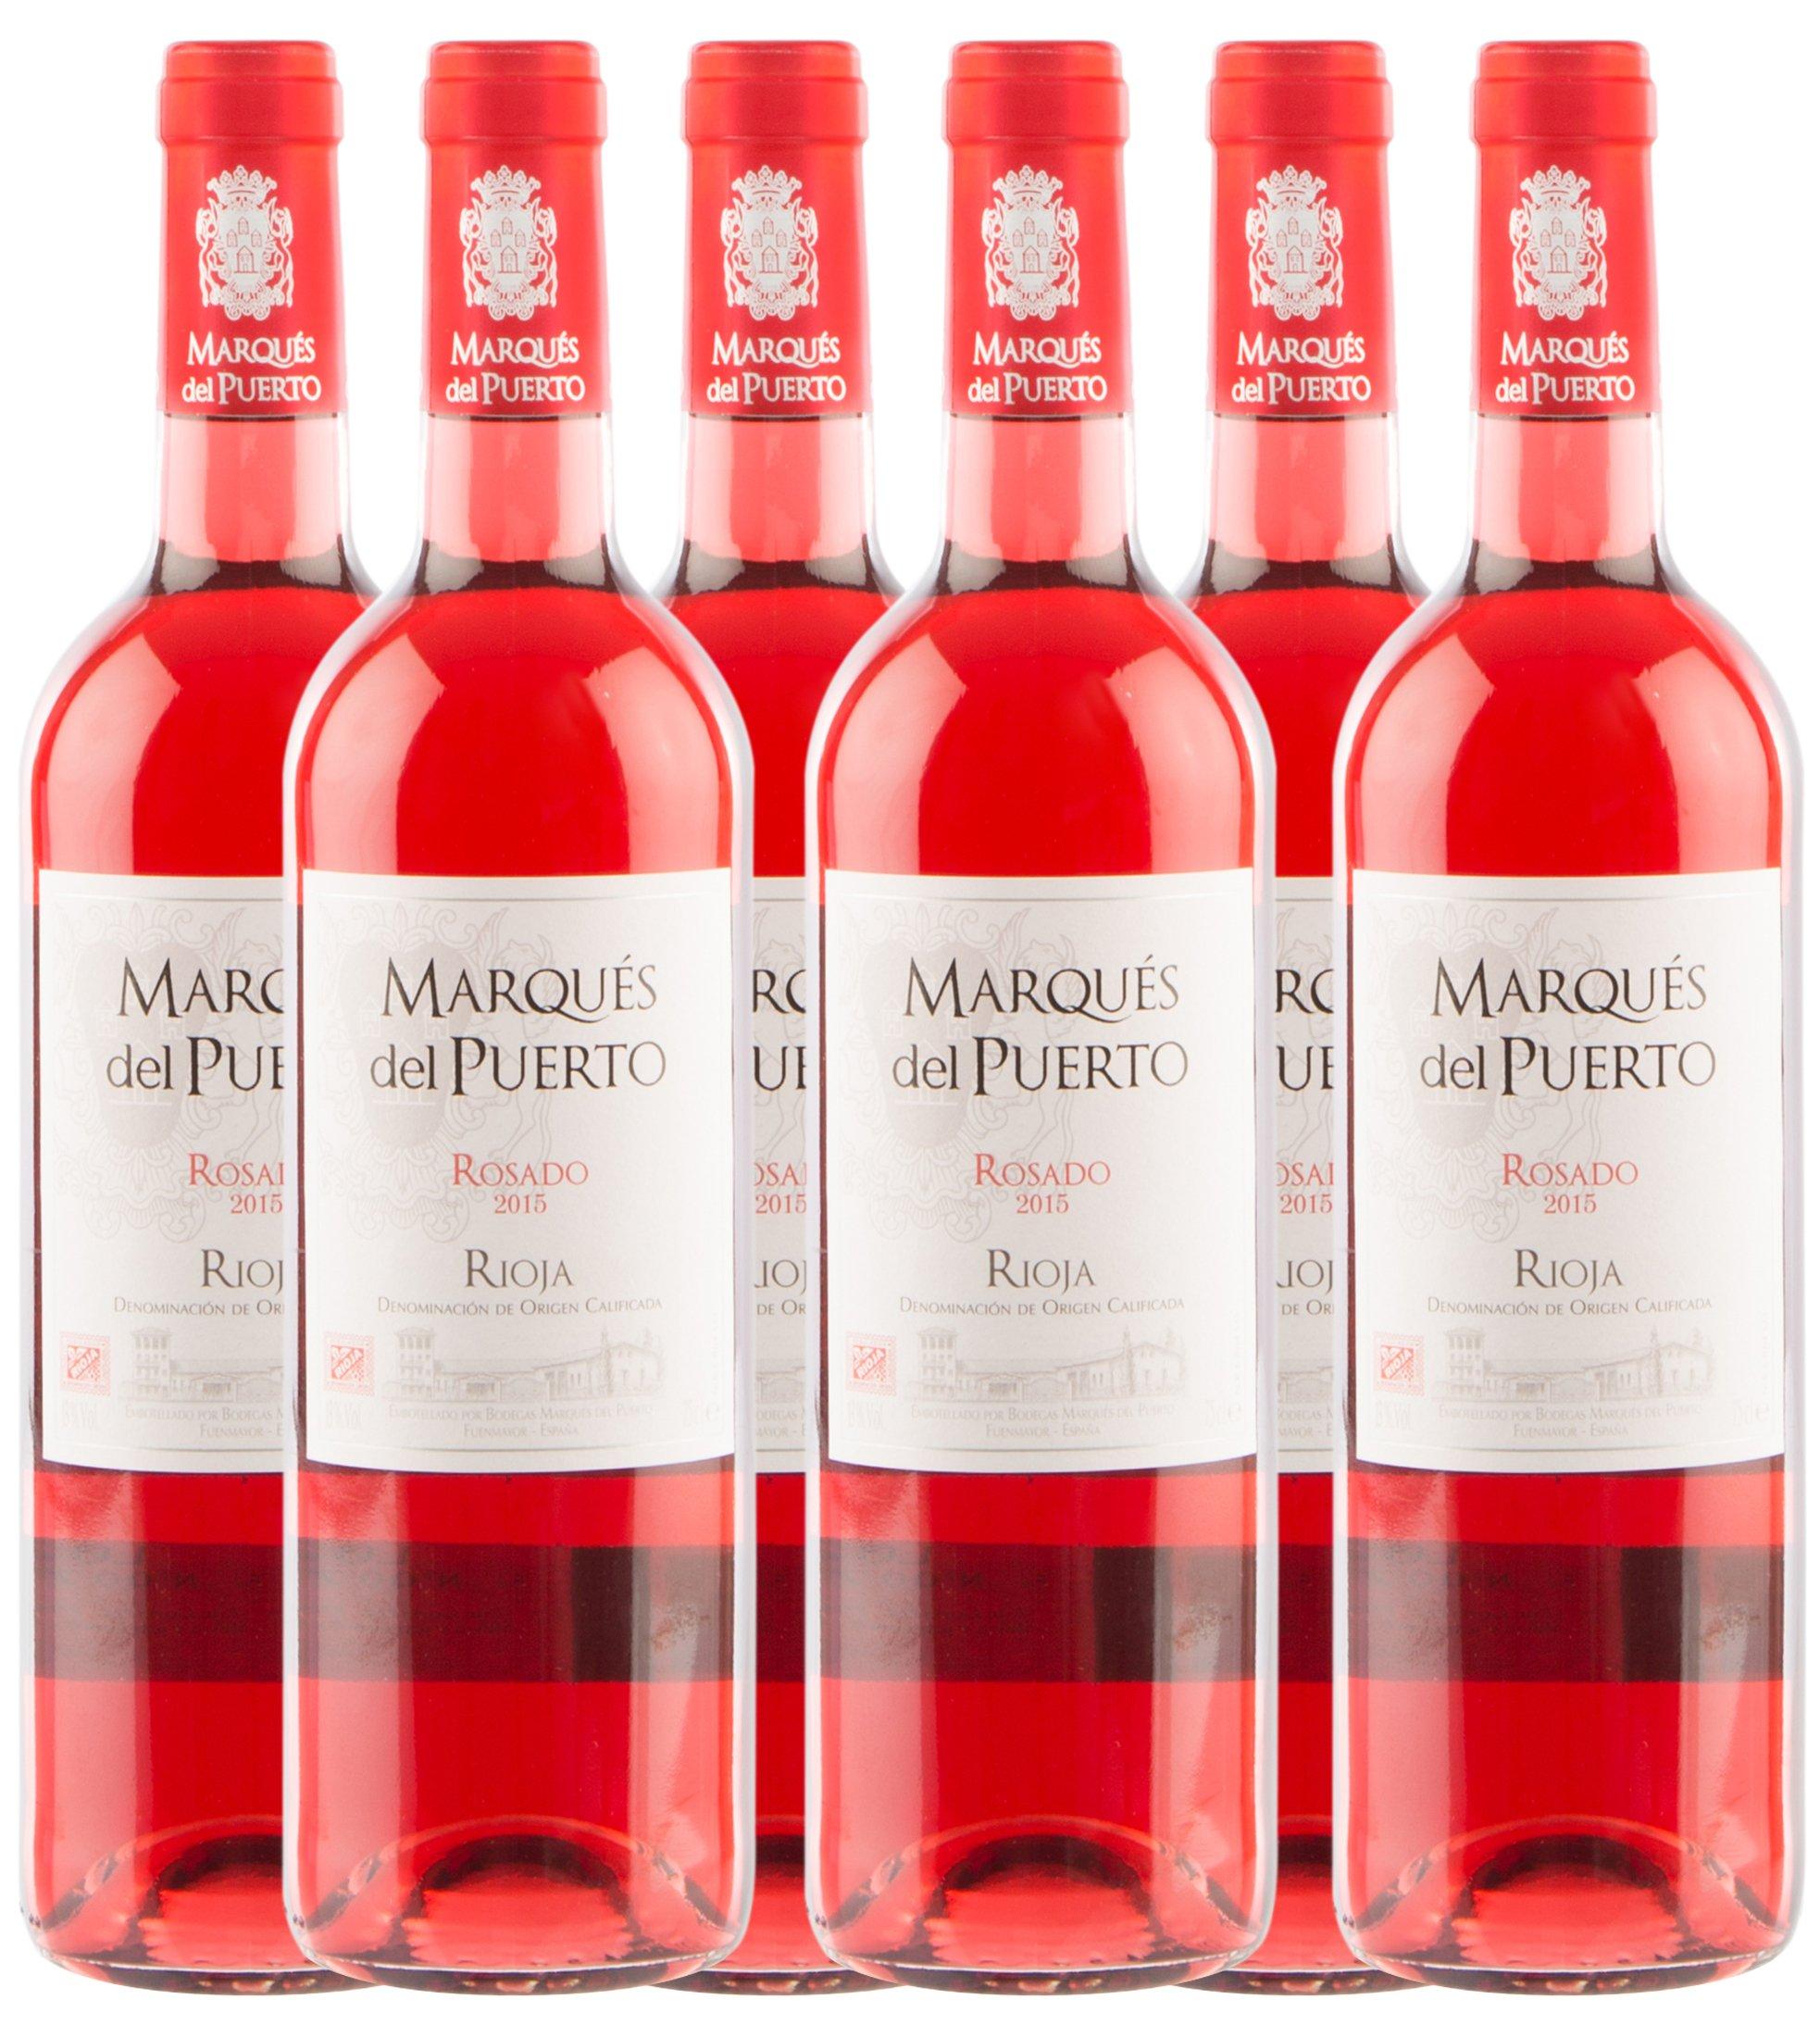 Sander's Selection Vino Marqués del Puerto Rosado - Paquete de 6 x 750 ml - Total: 4500 ml